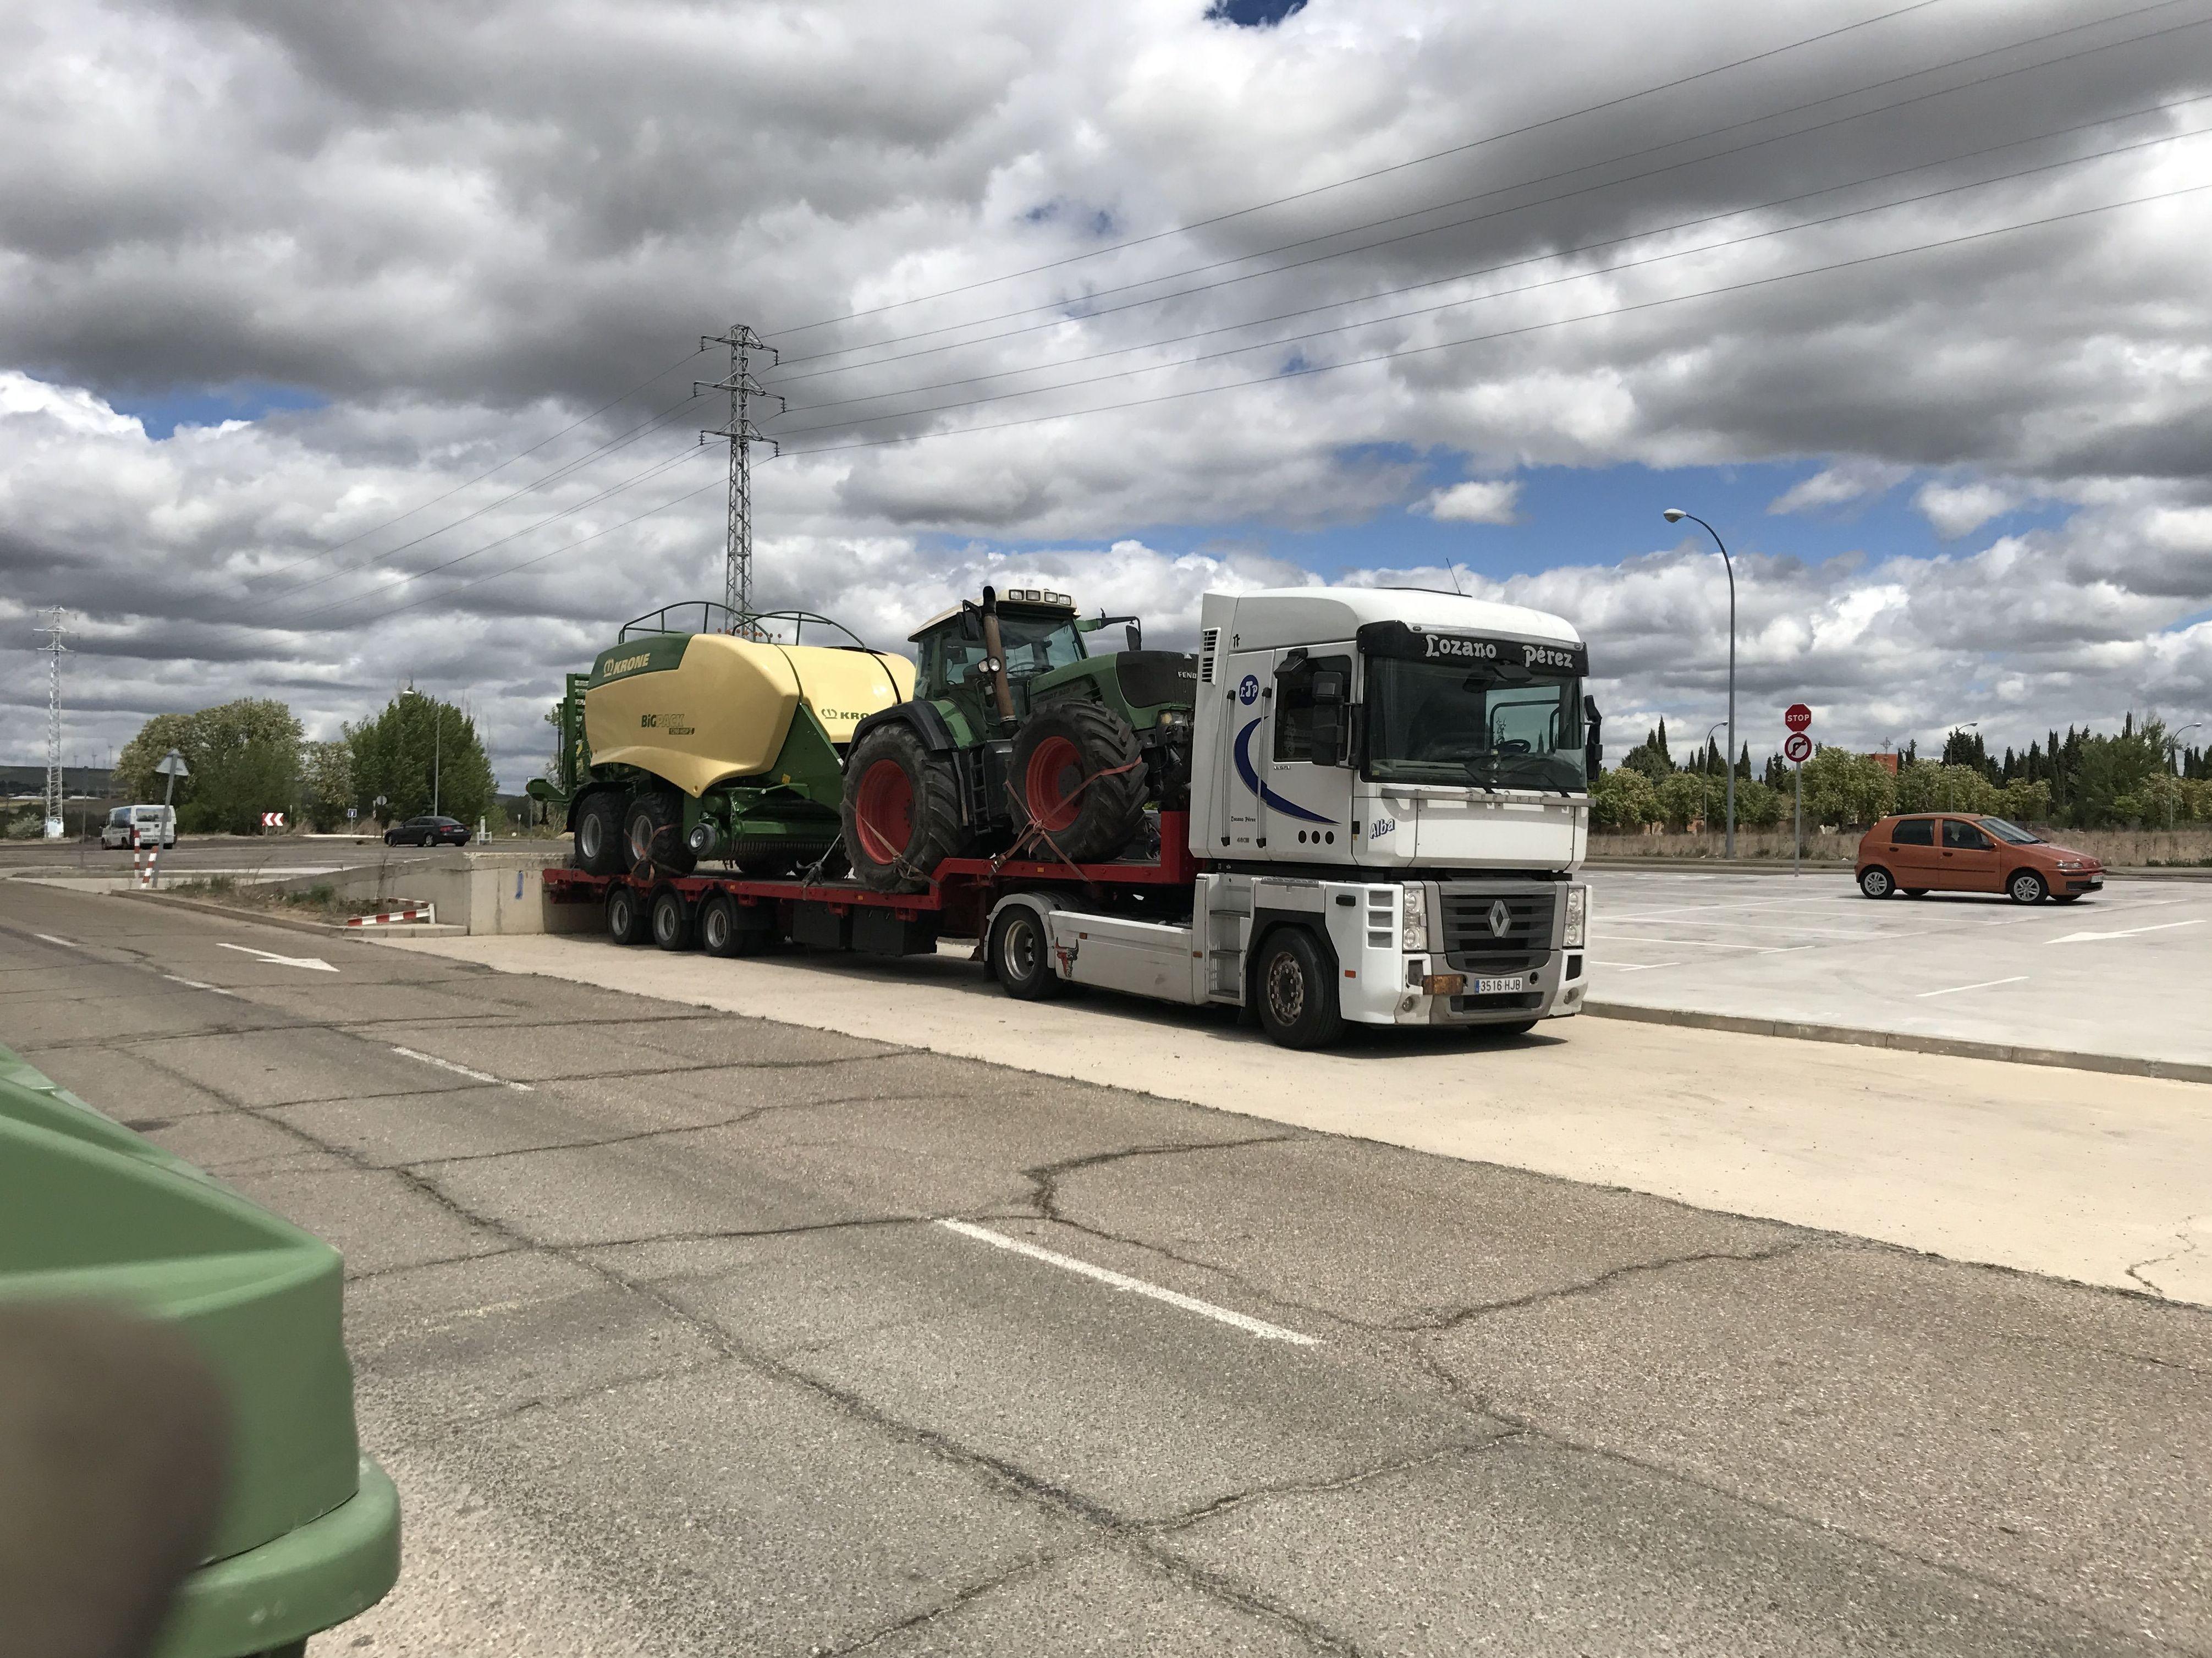 Foto 20 de Transporte de mercancías en Palencia | Transportes Lozano Pérez